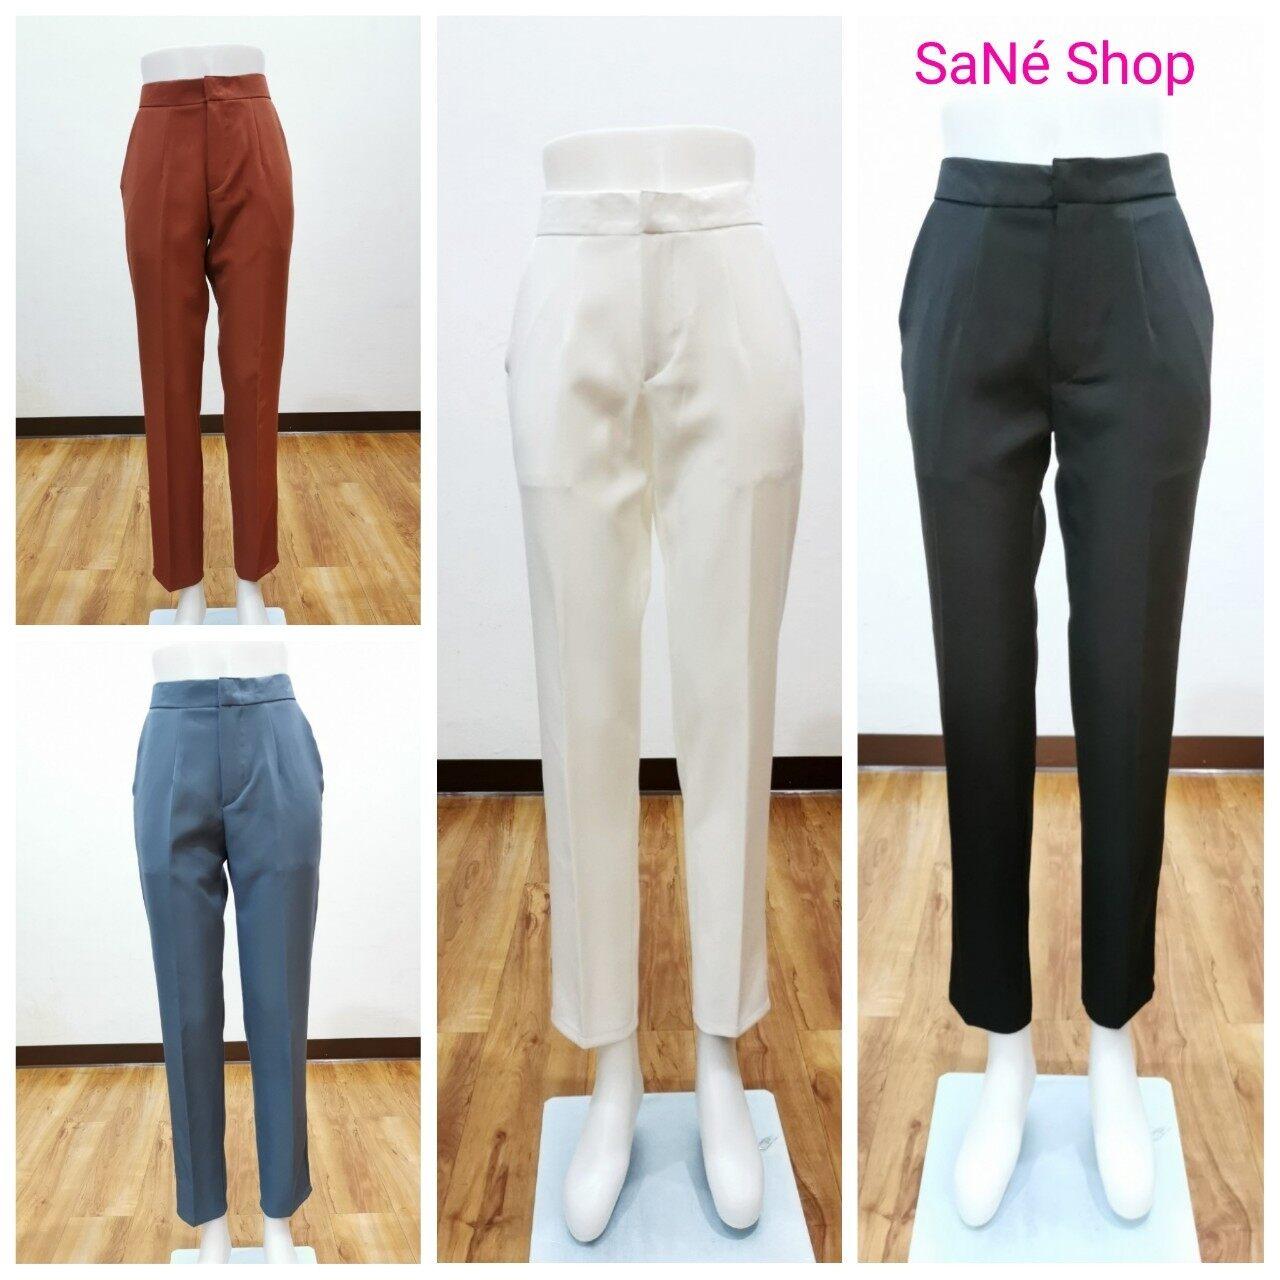 ???8 สี กางเกงทรงสแล็ค กางเกงทรงกระบอกเล็ก? กางเกงผู้หญิงขายาว กางเกงใส่ทำงาน รุ่นขายดี By Sane Shop.